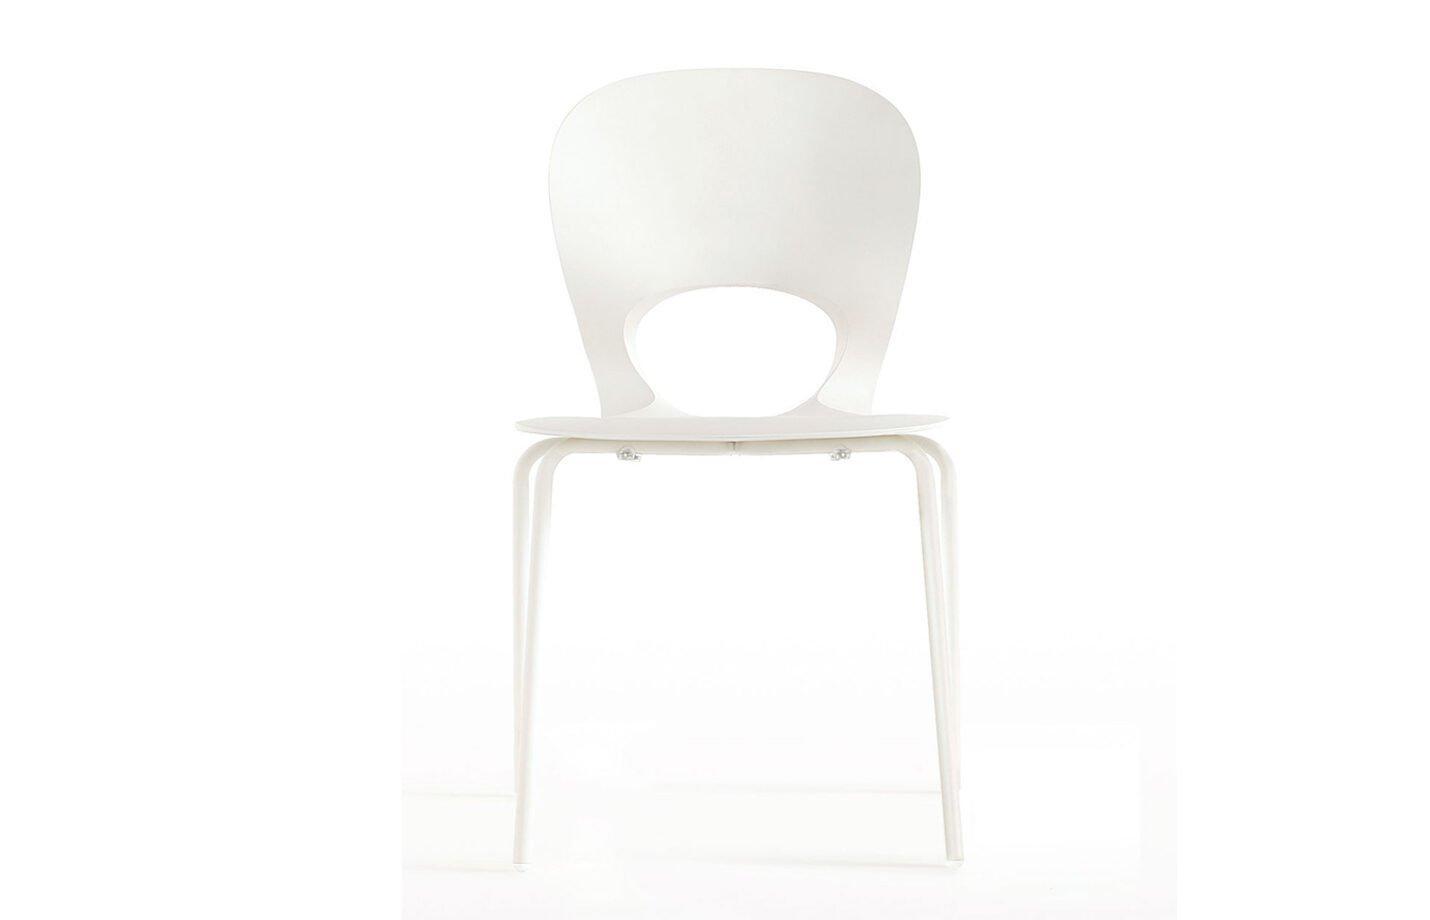 Pikaia-Four-Legs-chair-White-by-Kristalia